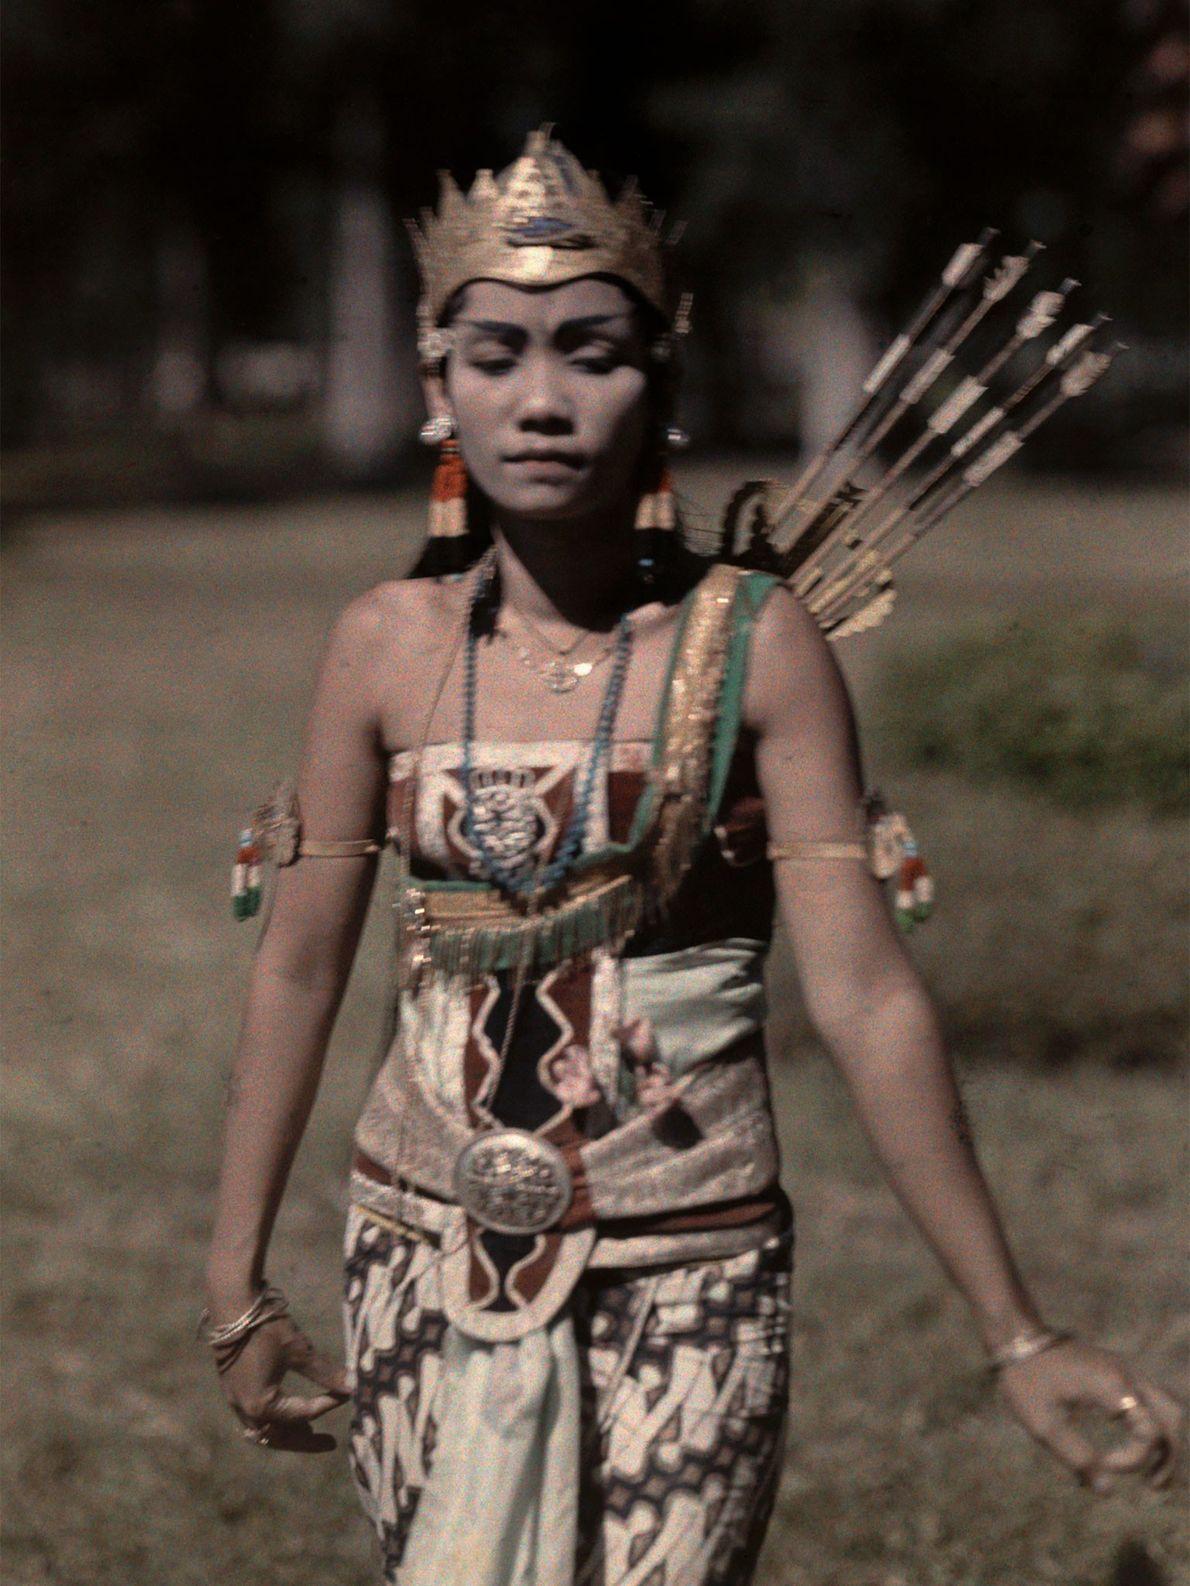 Dans un spectacle wayang à Java, en Indonésie, une femme joue le rôle d'une princesse. C'est ...